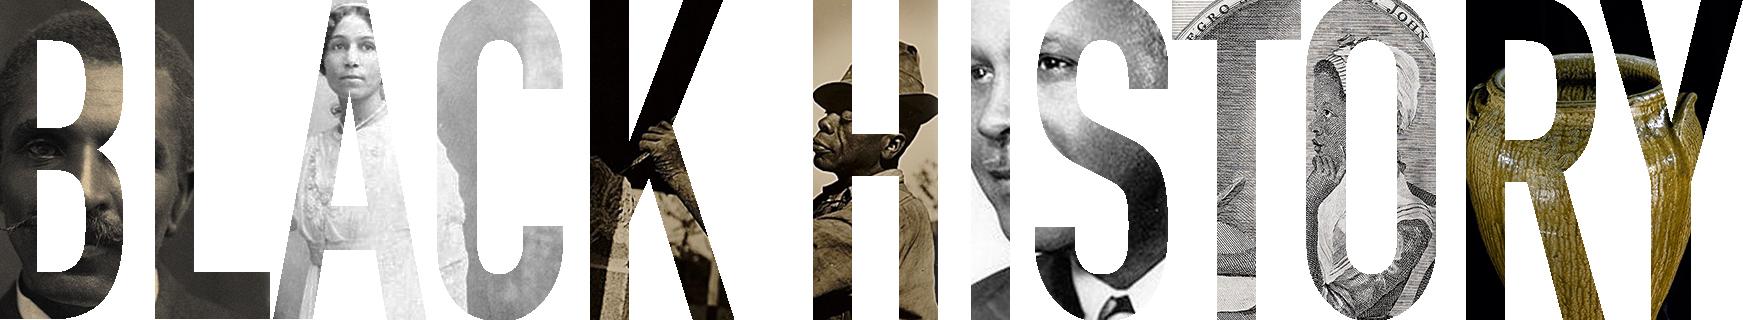 Black History Banner.jpg